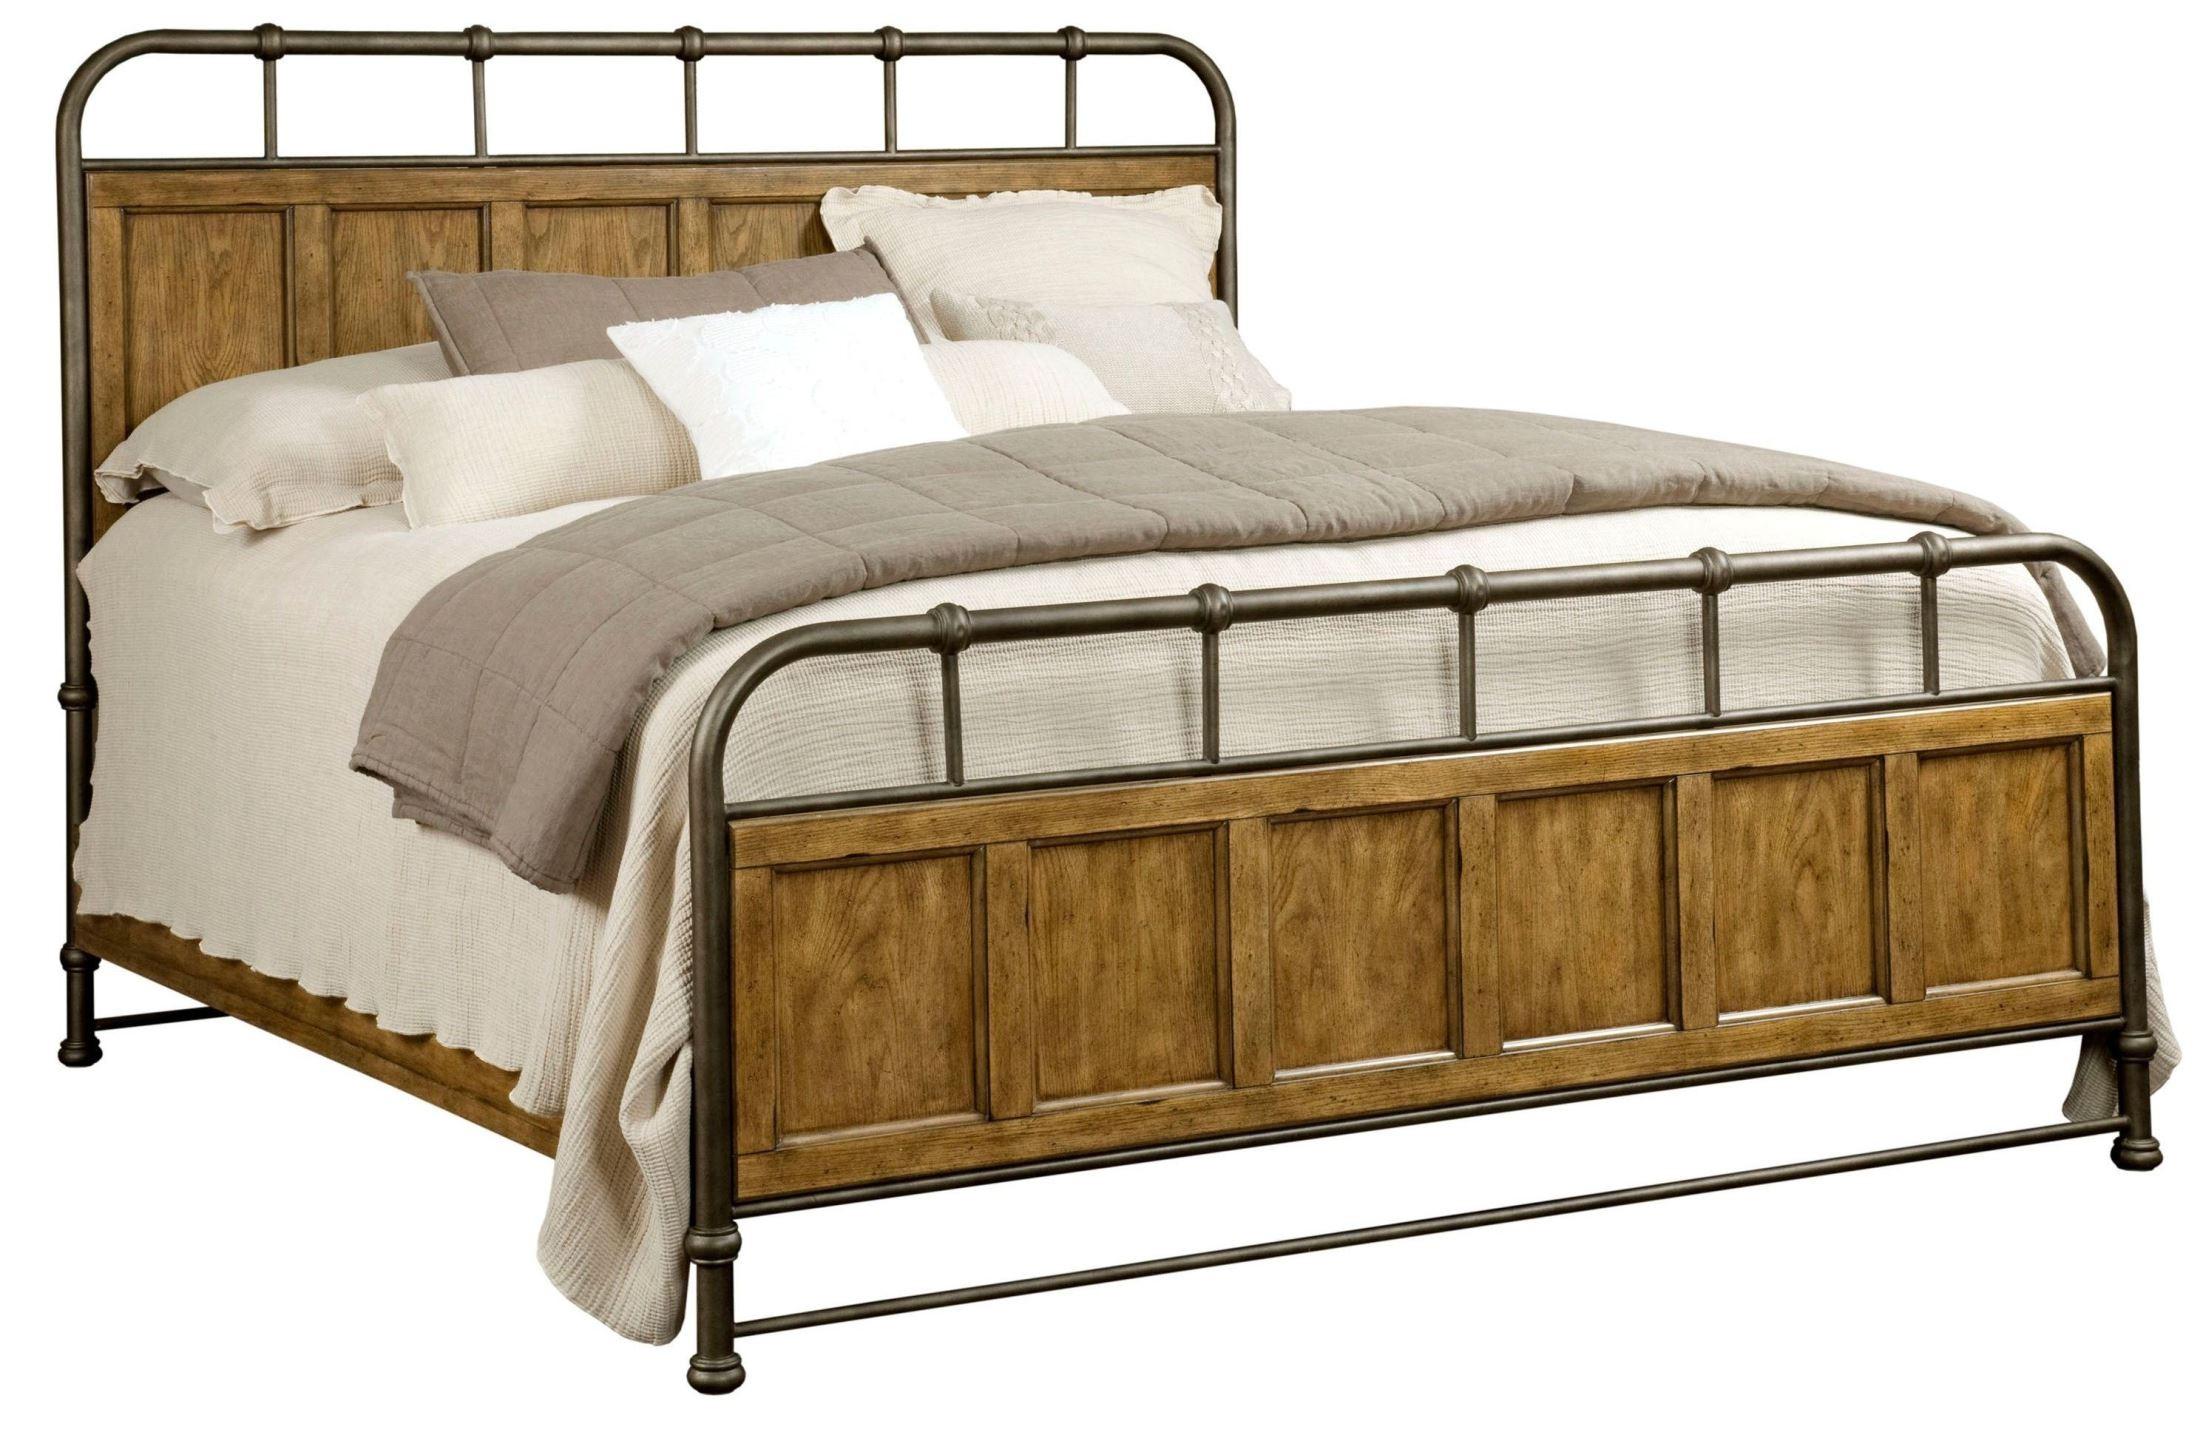 Vintage King Bed